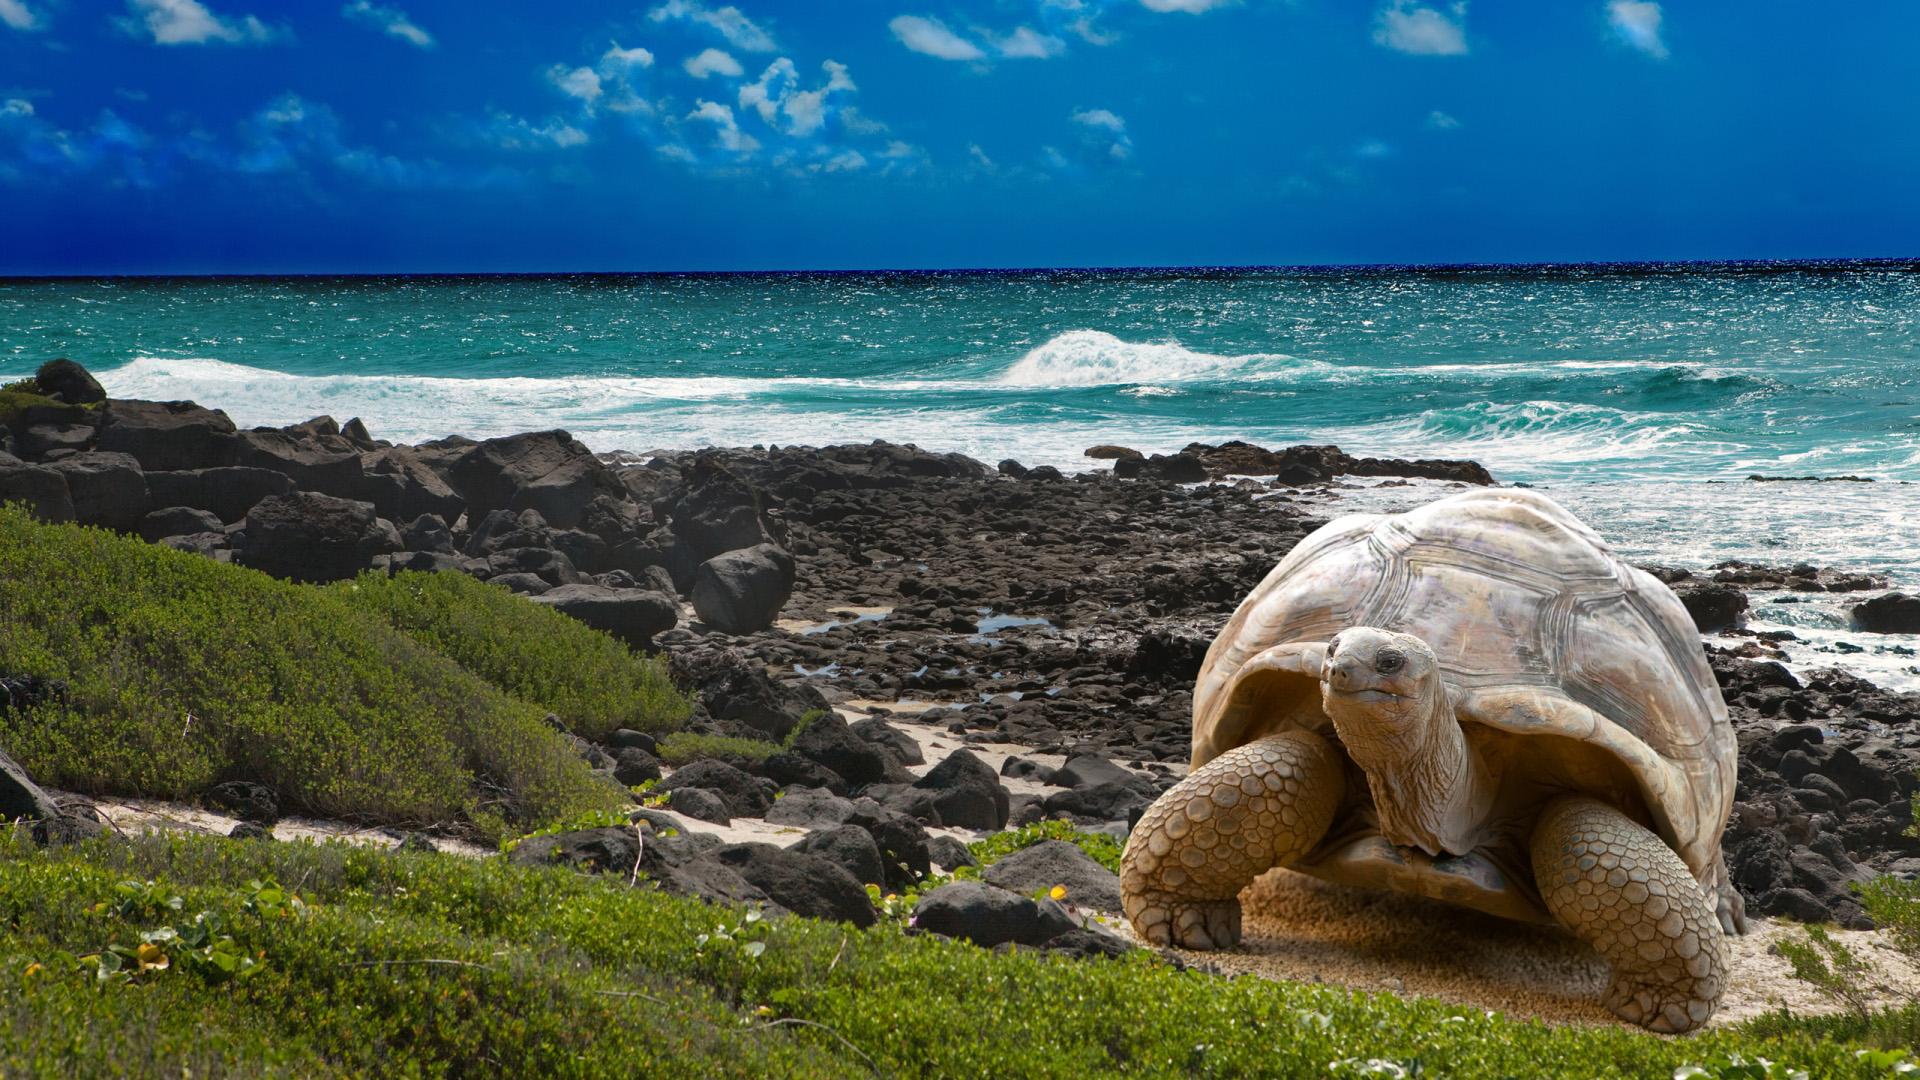 Turtle Beach Wallpapers Download Desktop Wallpaper Images 1920x1080